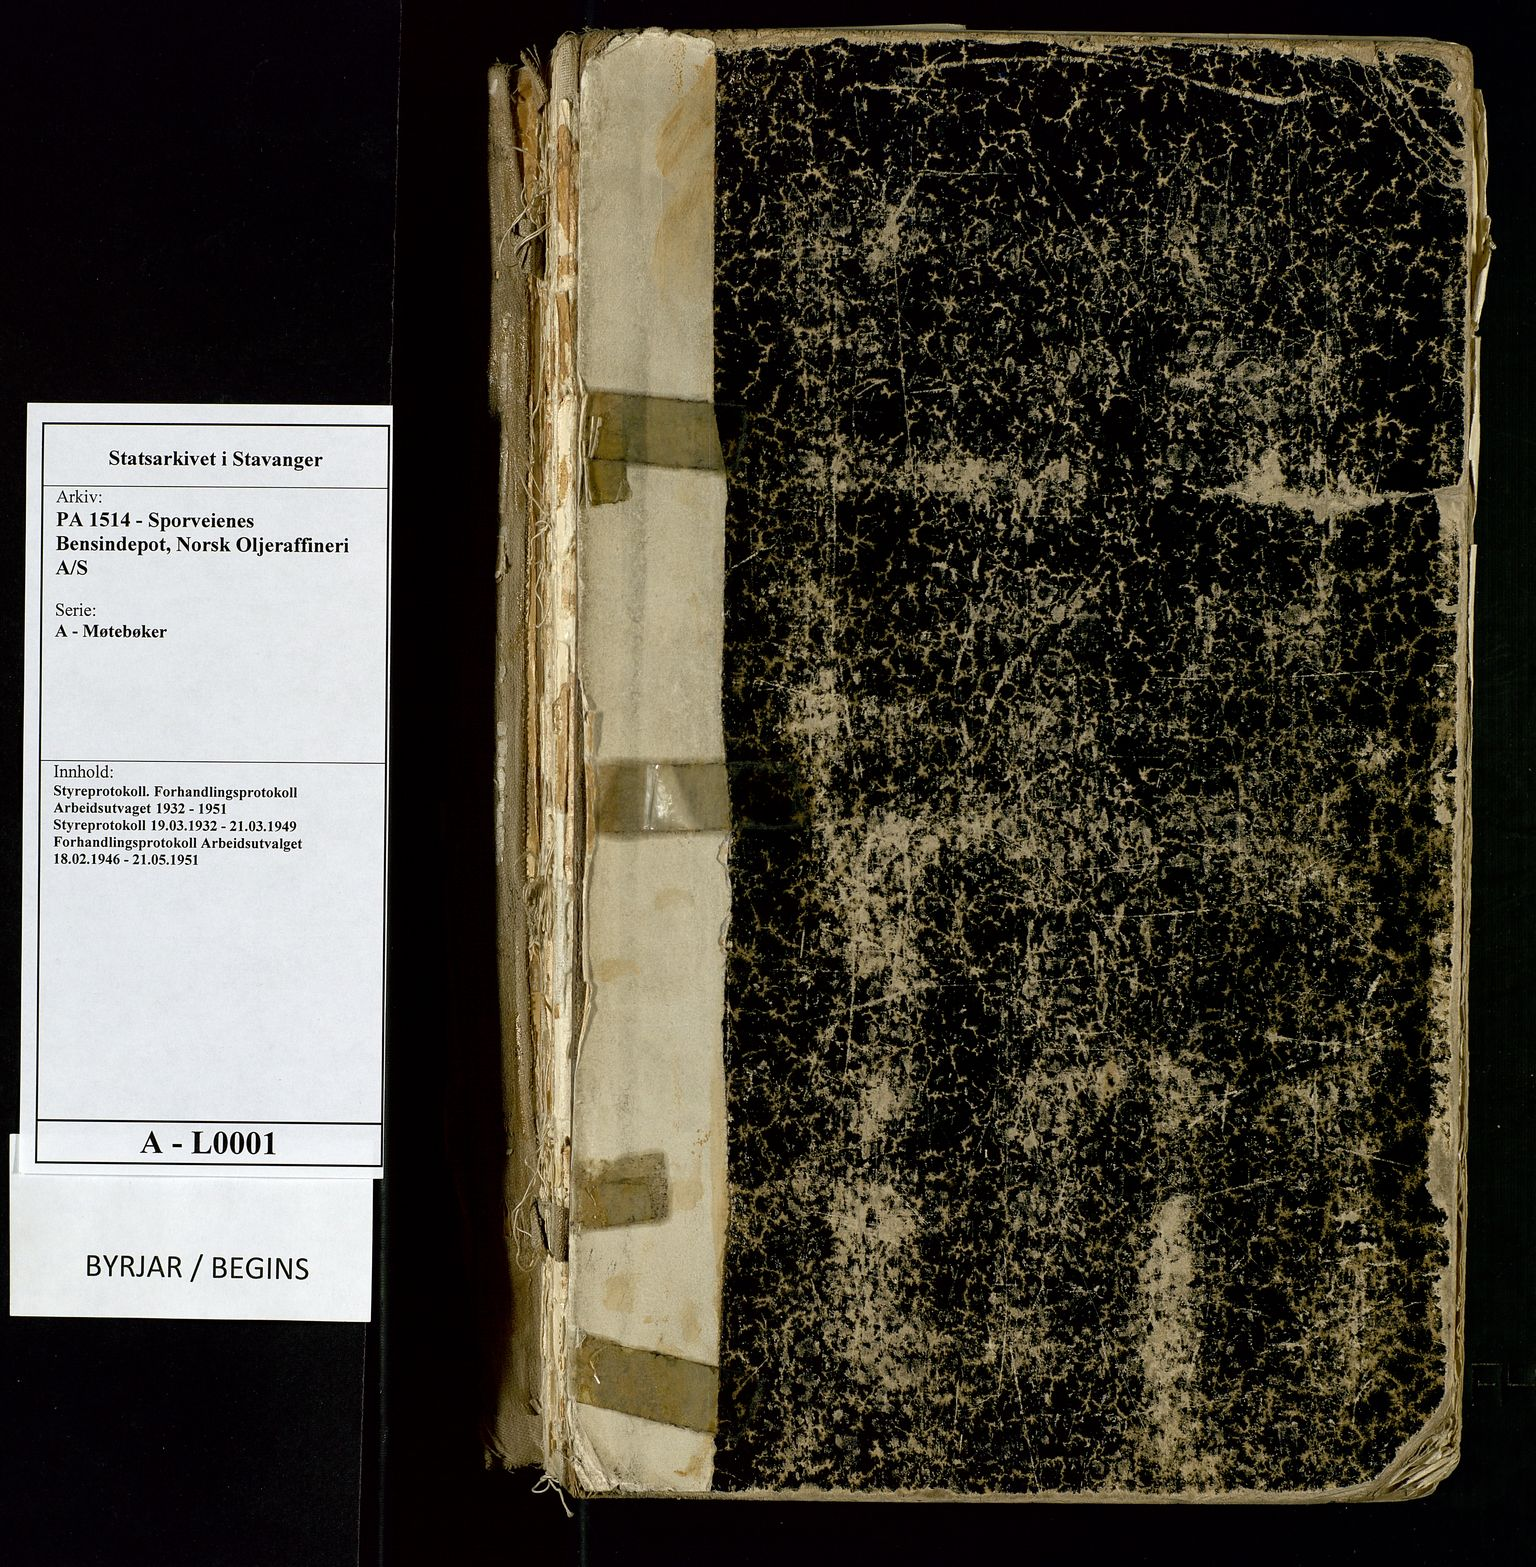 SAST, PA 1514 - Sporveienes Bensindepot, Norsk Oljeraffineri A/S, A/L0001: Styreprotokoll. Forhandlingsprotokoll Arbeidsutvaget, 1932-1949, s. 1